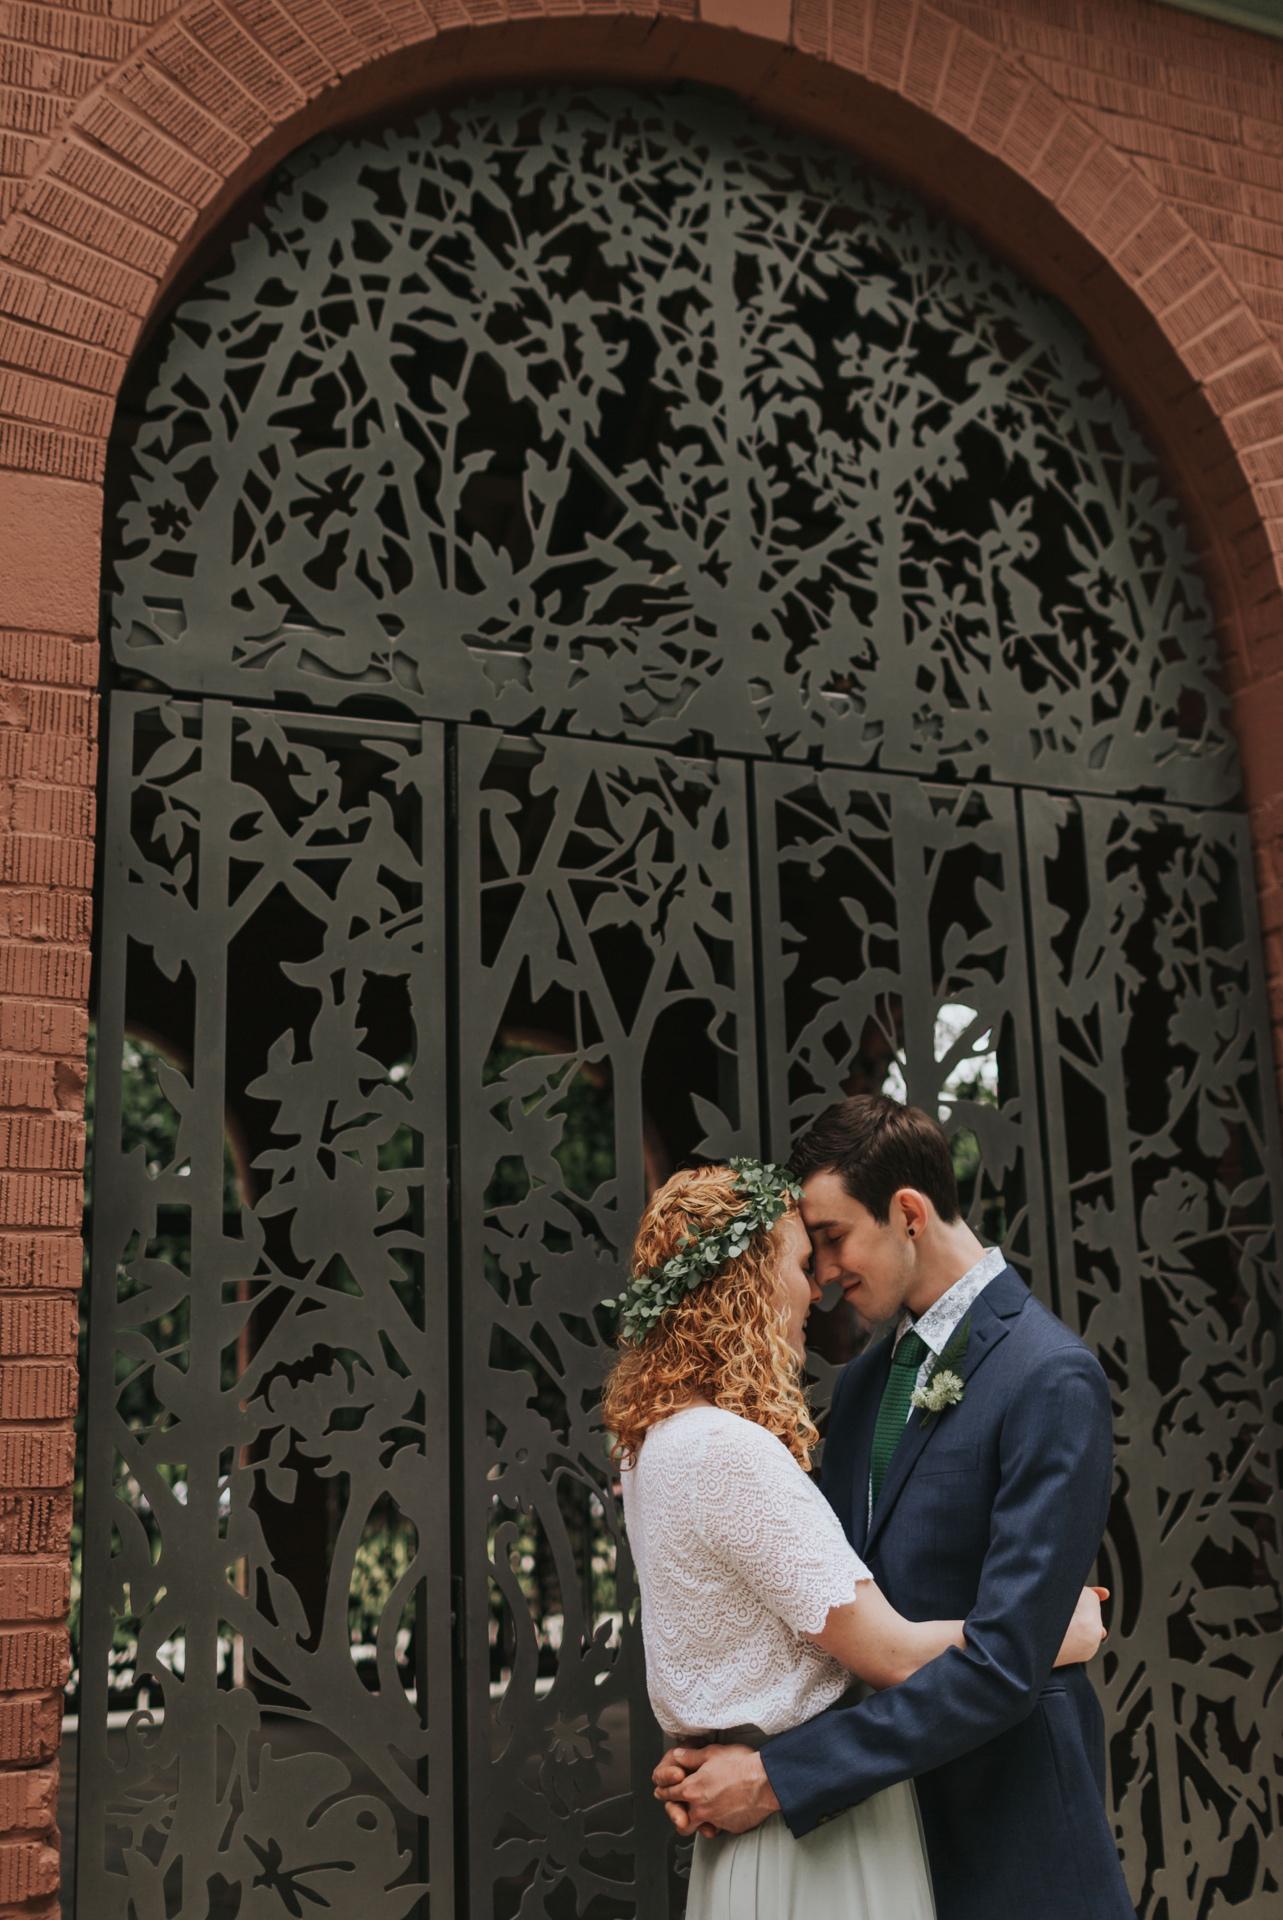 029_Ragan&Max-1761_Oregon-Forest-Wedding_Portland-Wedding-Photographer_Portland-Wedding-Photographer-Park-Wedding_Colonel-Summers-Park.jpg